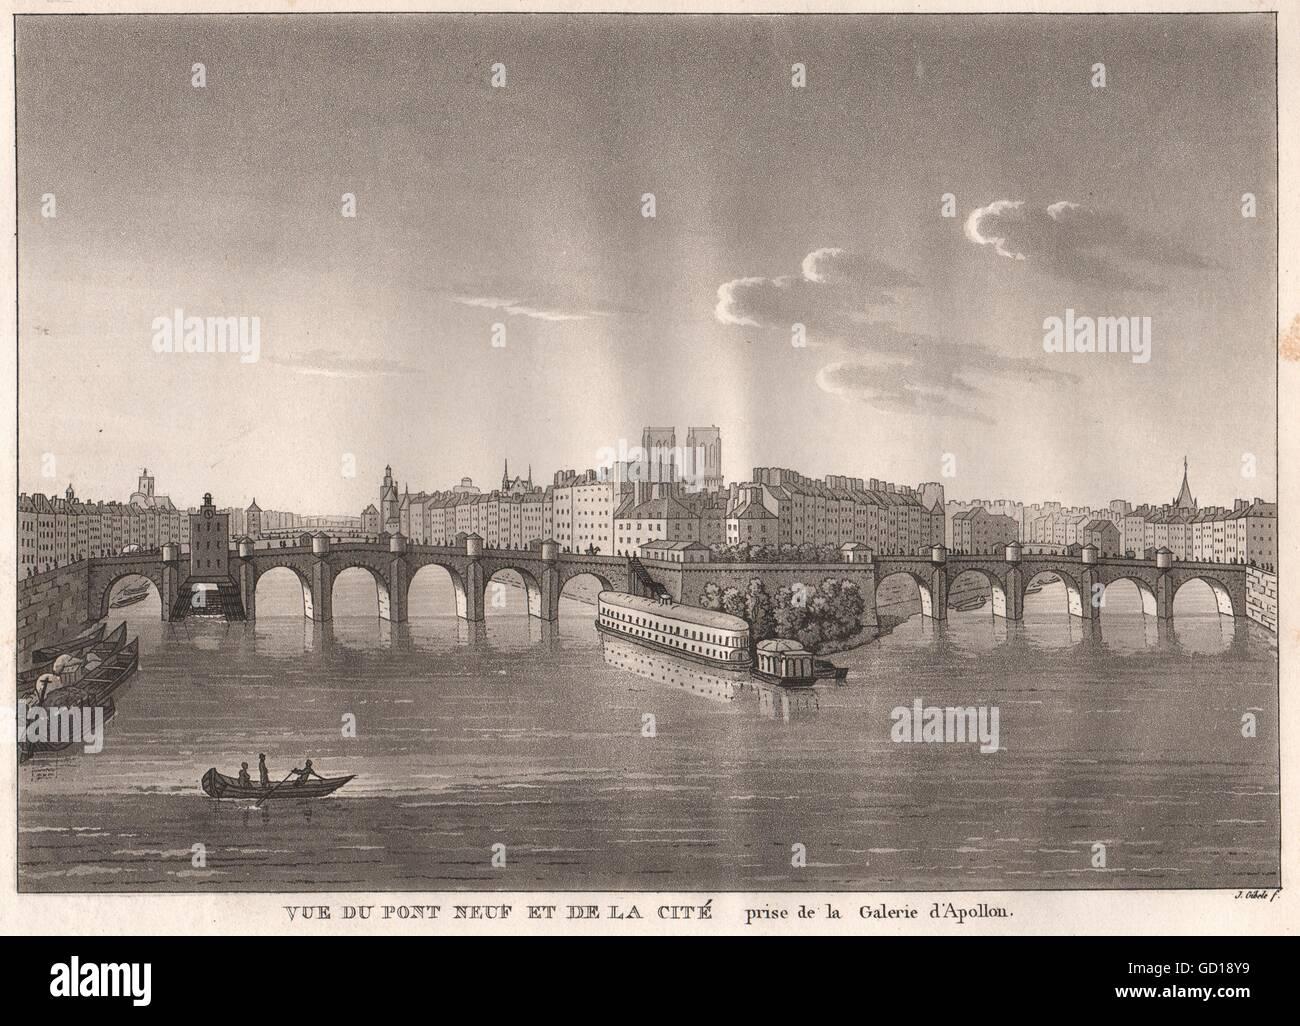 PARIS: Pont Neuf et Ile de la Cité prise de la Galerie d'Apollon. Aquatint, 1808 - Stock Image